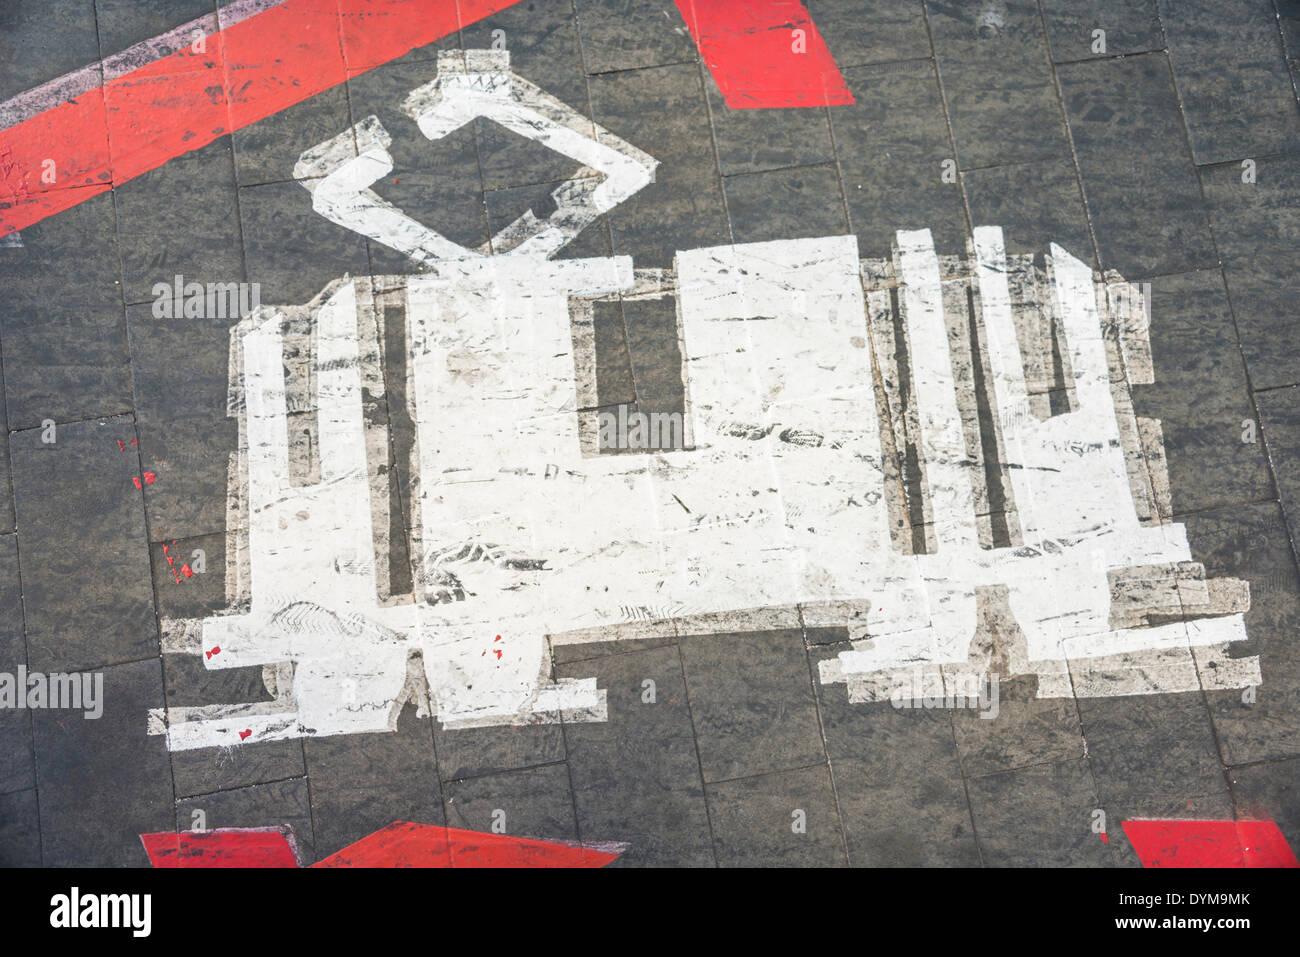 Straßenbahn, Piktogramm auf dem Boden, Santa Cruz, Teneriffa, Kanarische Inseln, Spanien Stockbild